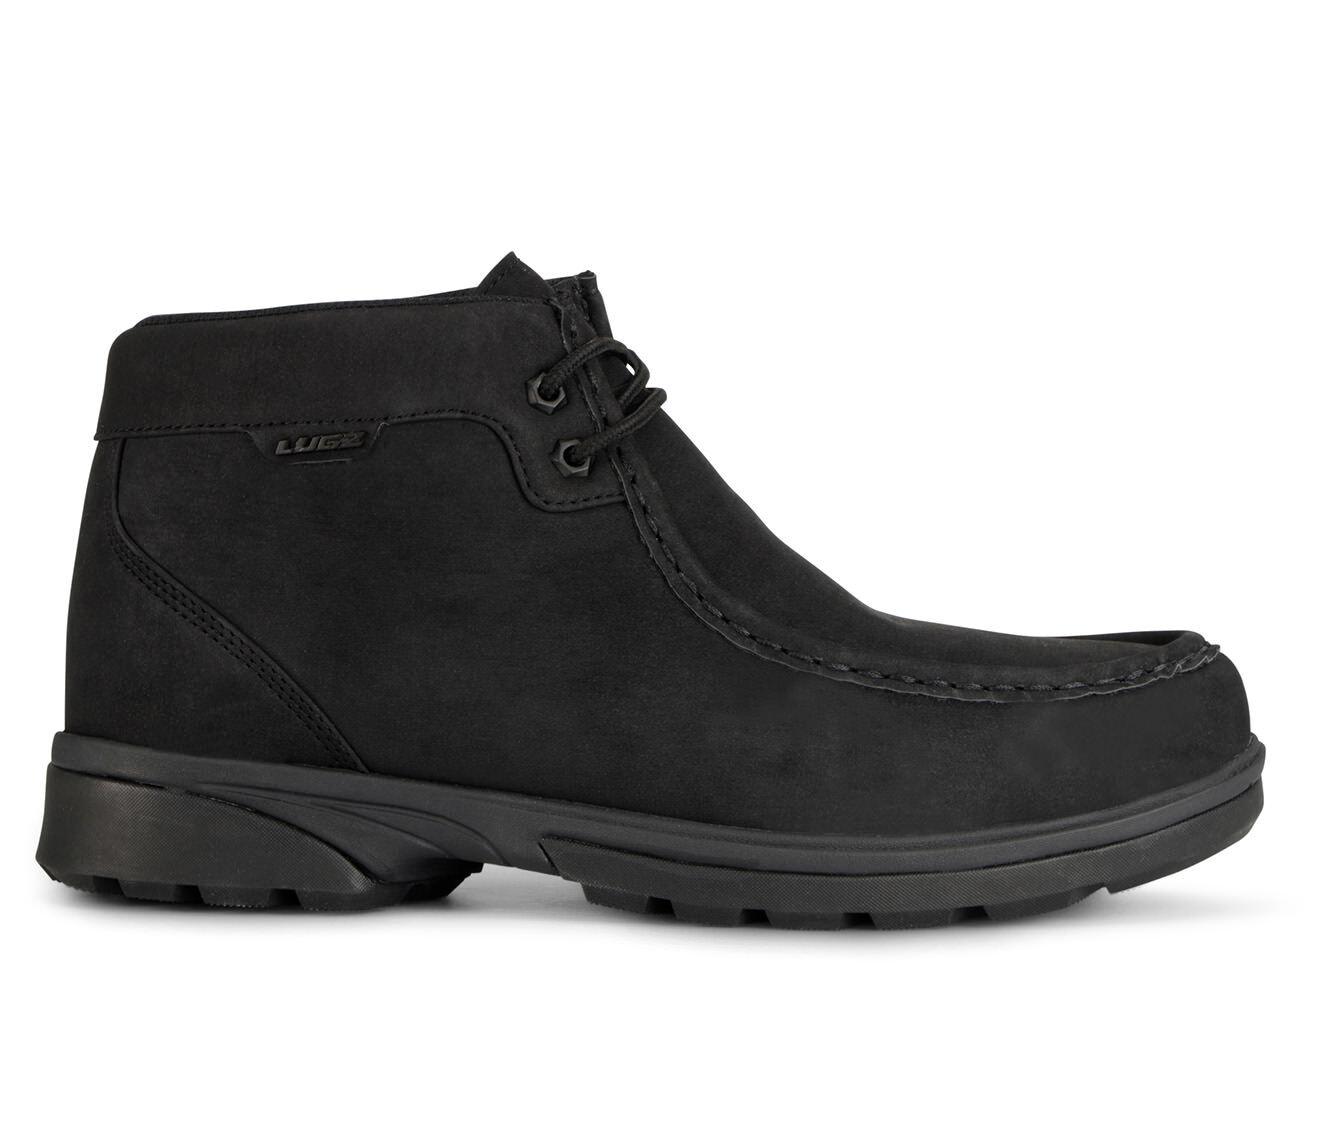 Men's Lugz Zeo Moc Mid-Rise Boots Black